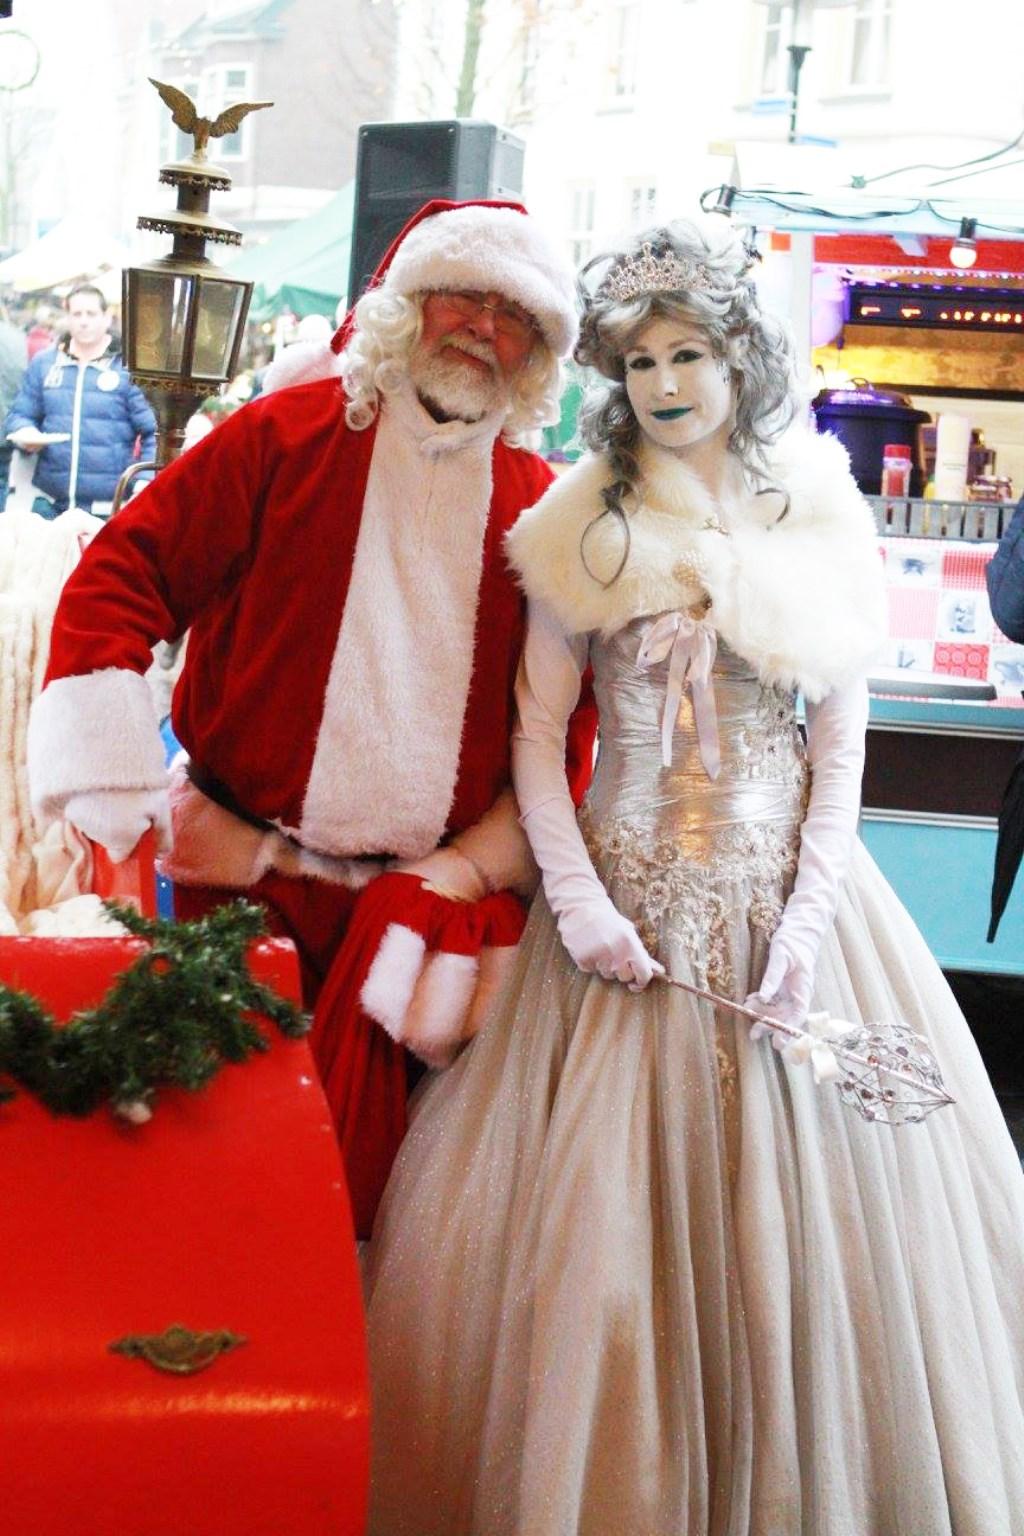 De Winterfair Woerden is vrijdag 13 december en zaterdag 14 december te bezoeken. www.winterfairwoerden.nl  © DPG Media